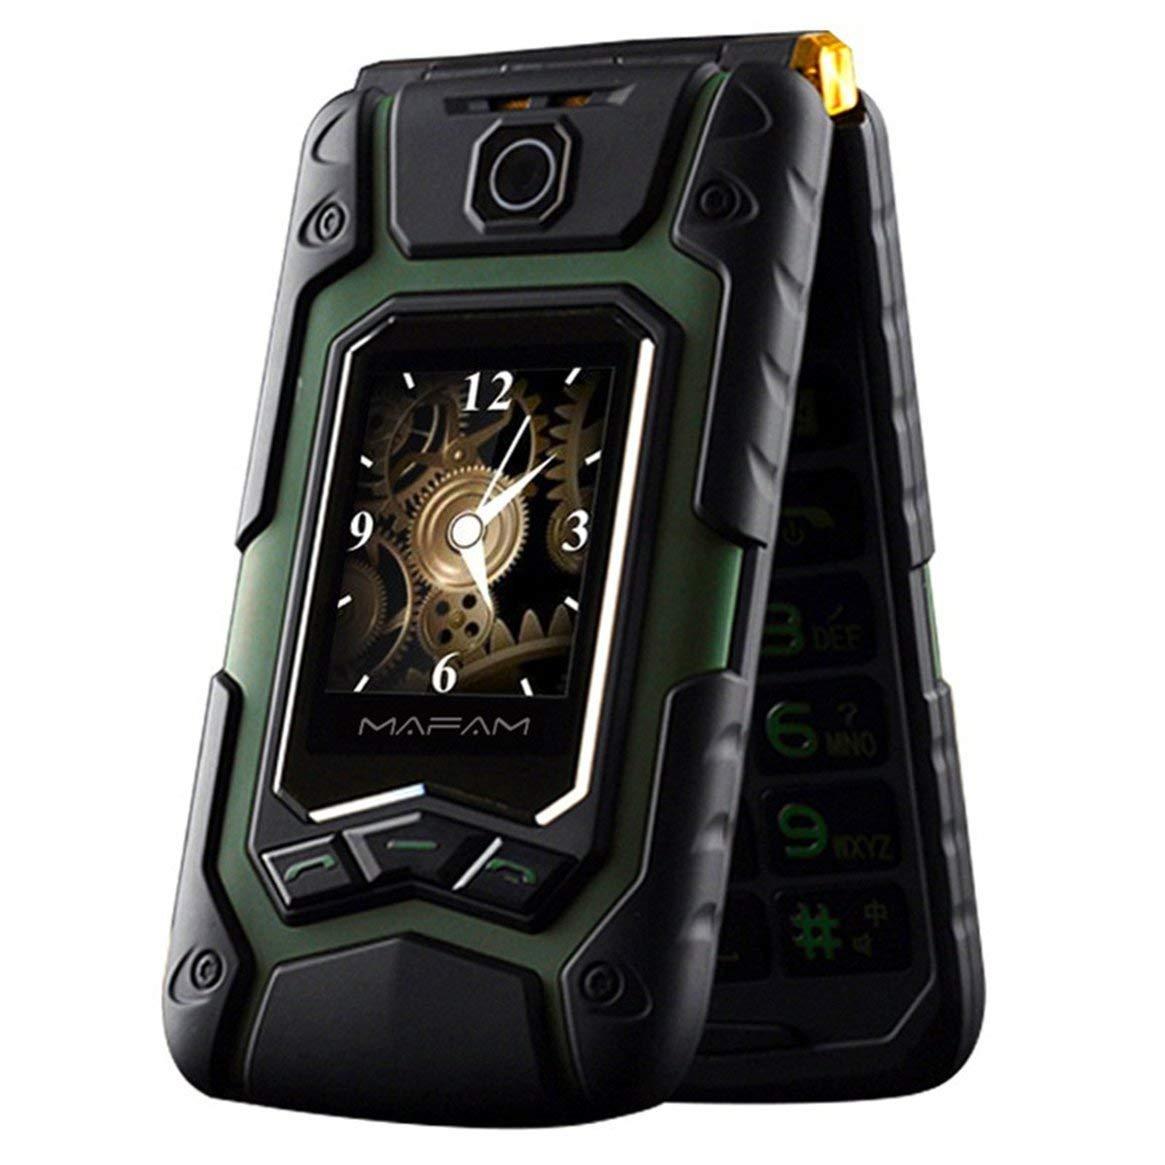 Delicacydex Wasserdichtes Elder Man Cellphone FM-Radio Dual-SIM-GSM-Standby-Box für große Lautsprecher - Grün